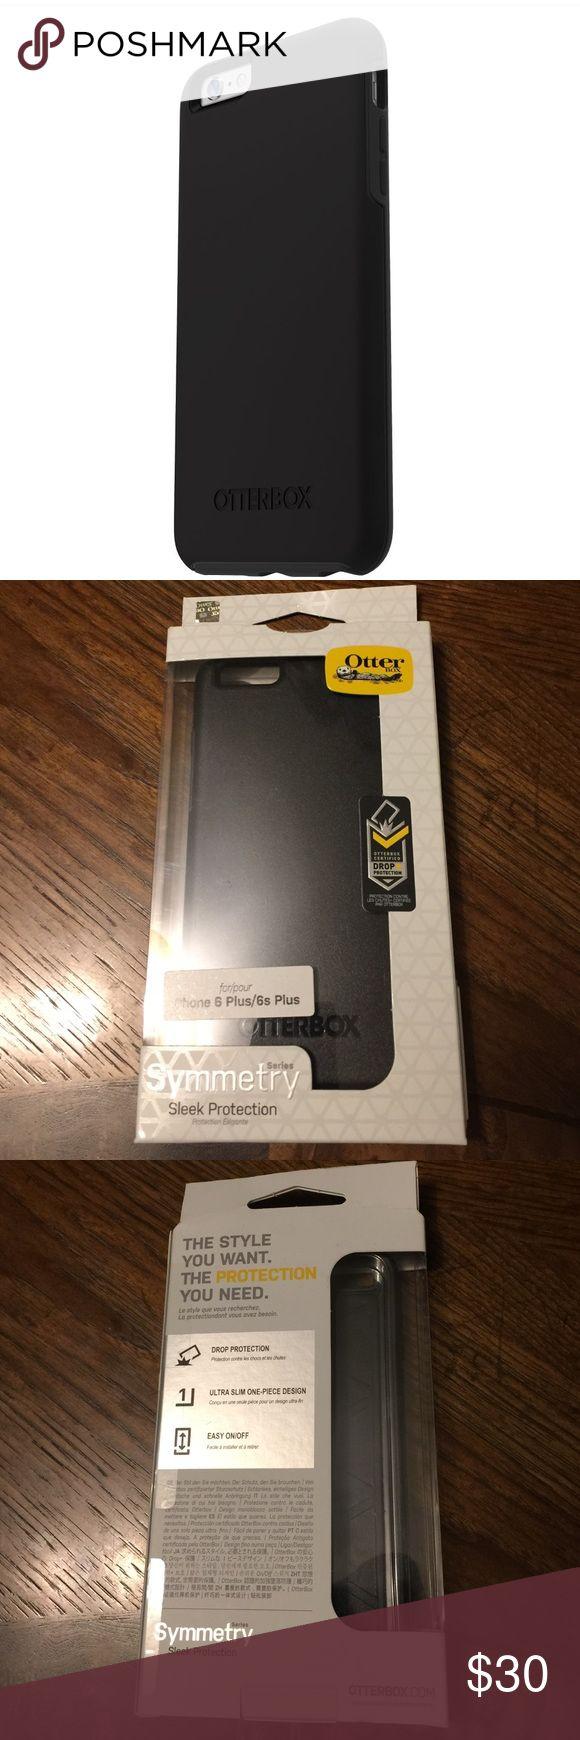 46b44d425b821d74d59aaaa55aad4a46 iphone models